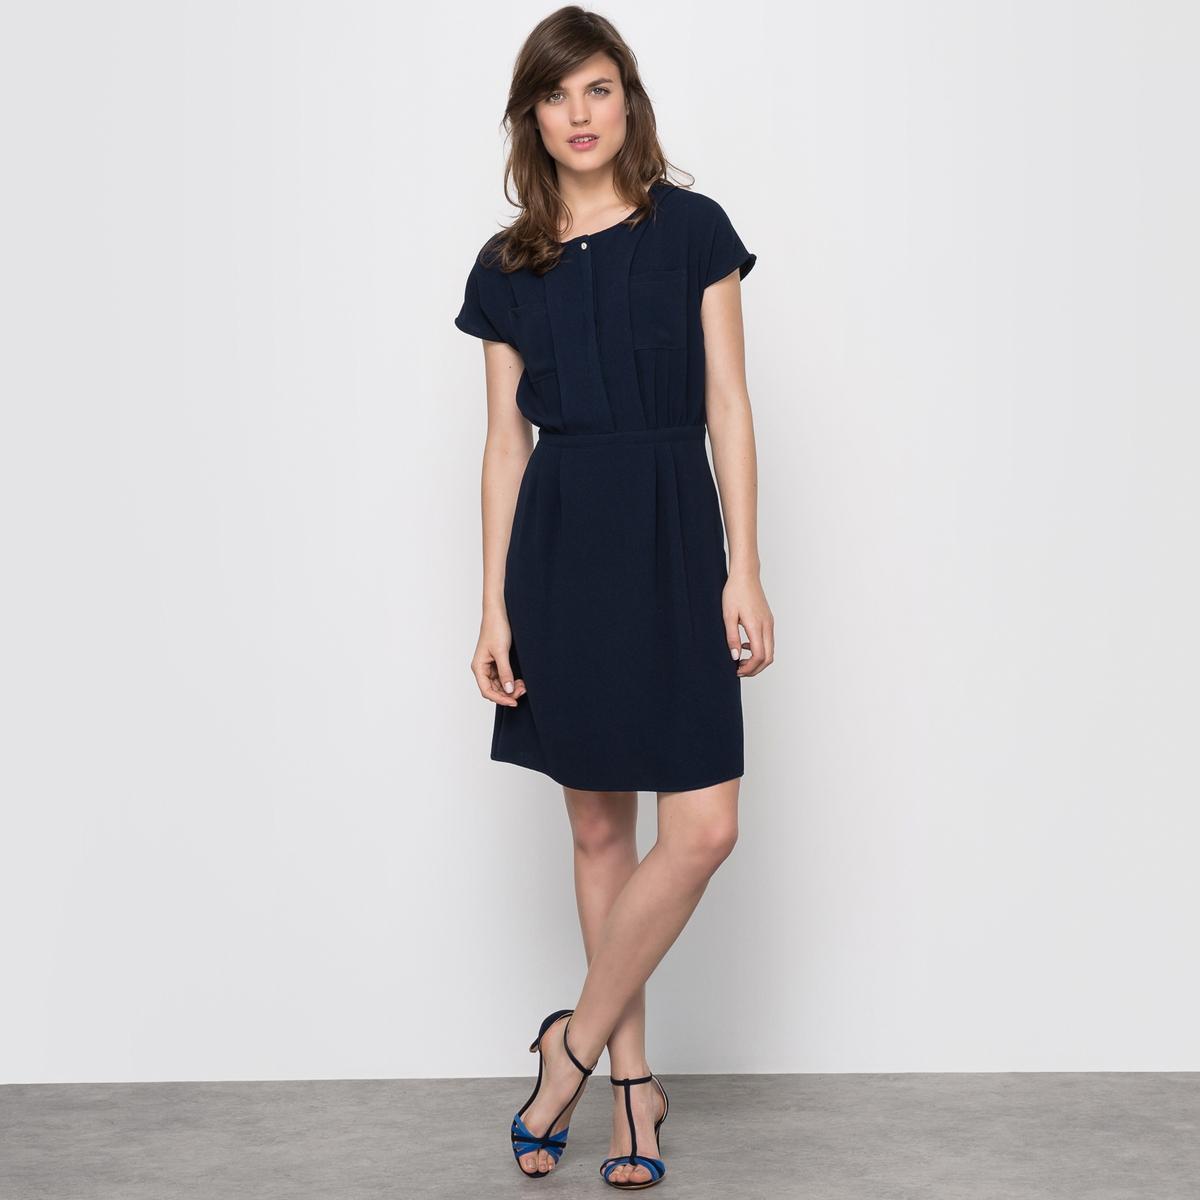 Платье с короткими рукавамиКороткие рукава. Эластичный пояс. Широкая вставка на талии. Два накладных кармана на груди. Платье 98% полиэстера, 2% эластана. Длина 92 см.<br><br>Цвет: экрю<br>Размер: 38 (FR) - 44 (RUS).42 (FR) - 48 (RUS)